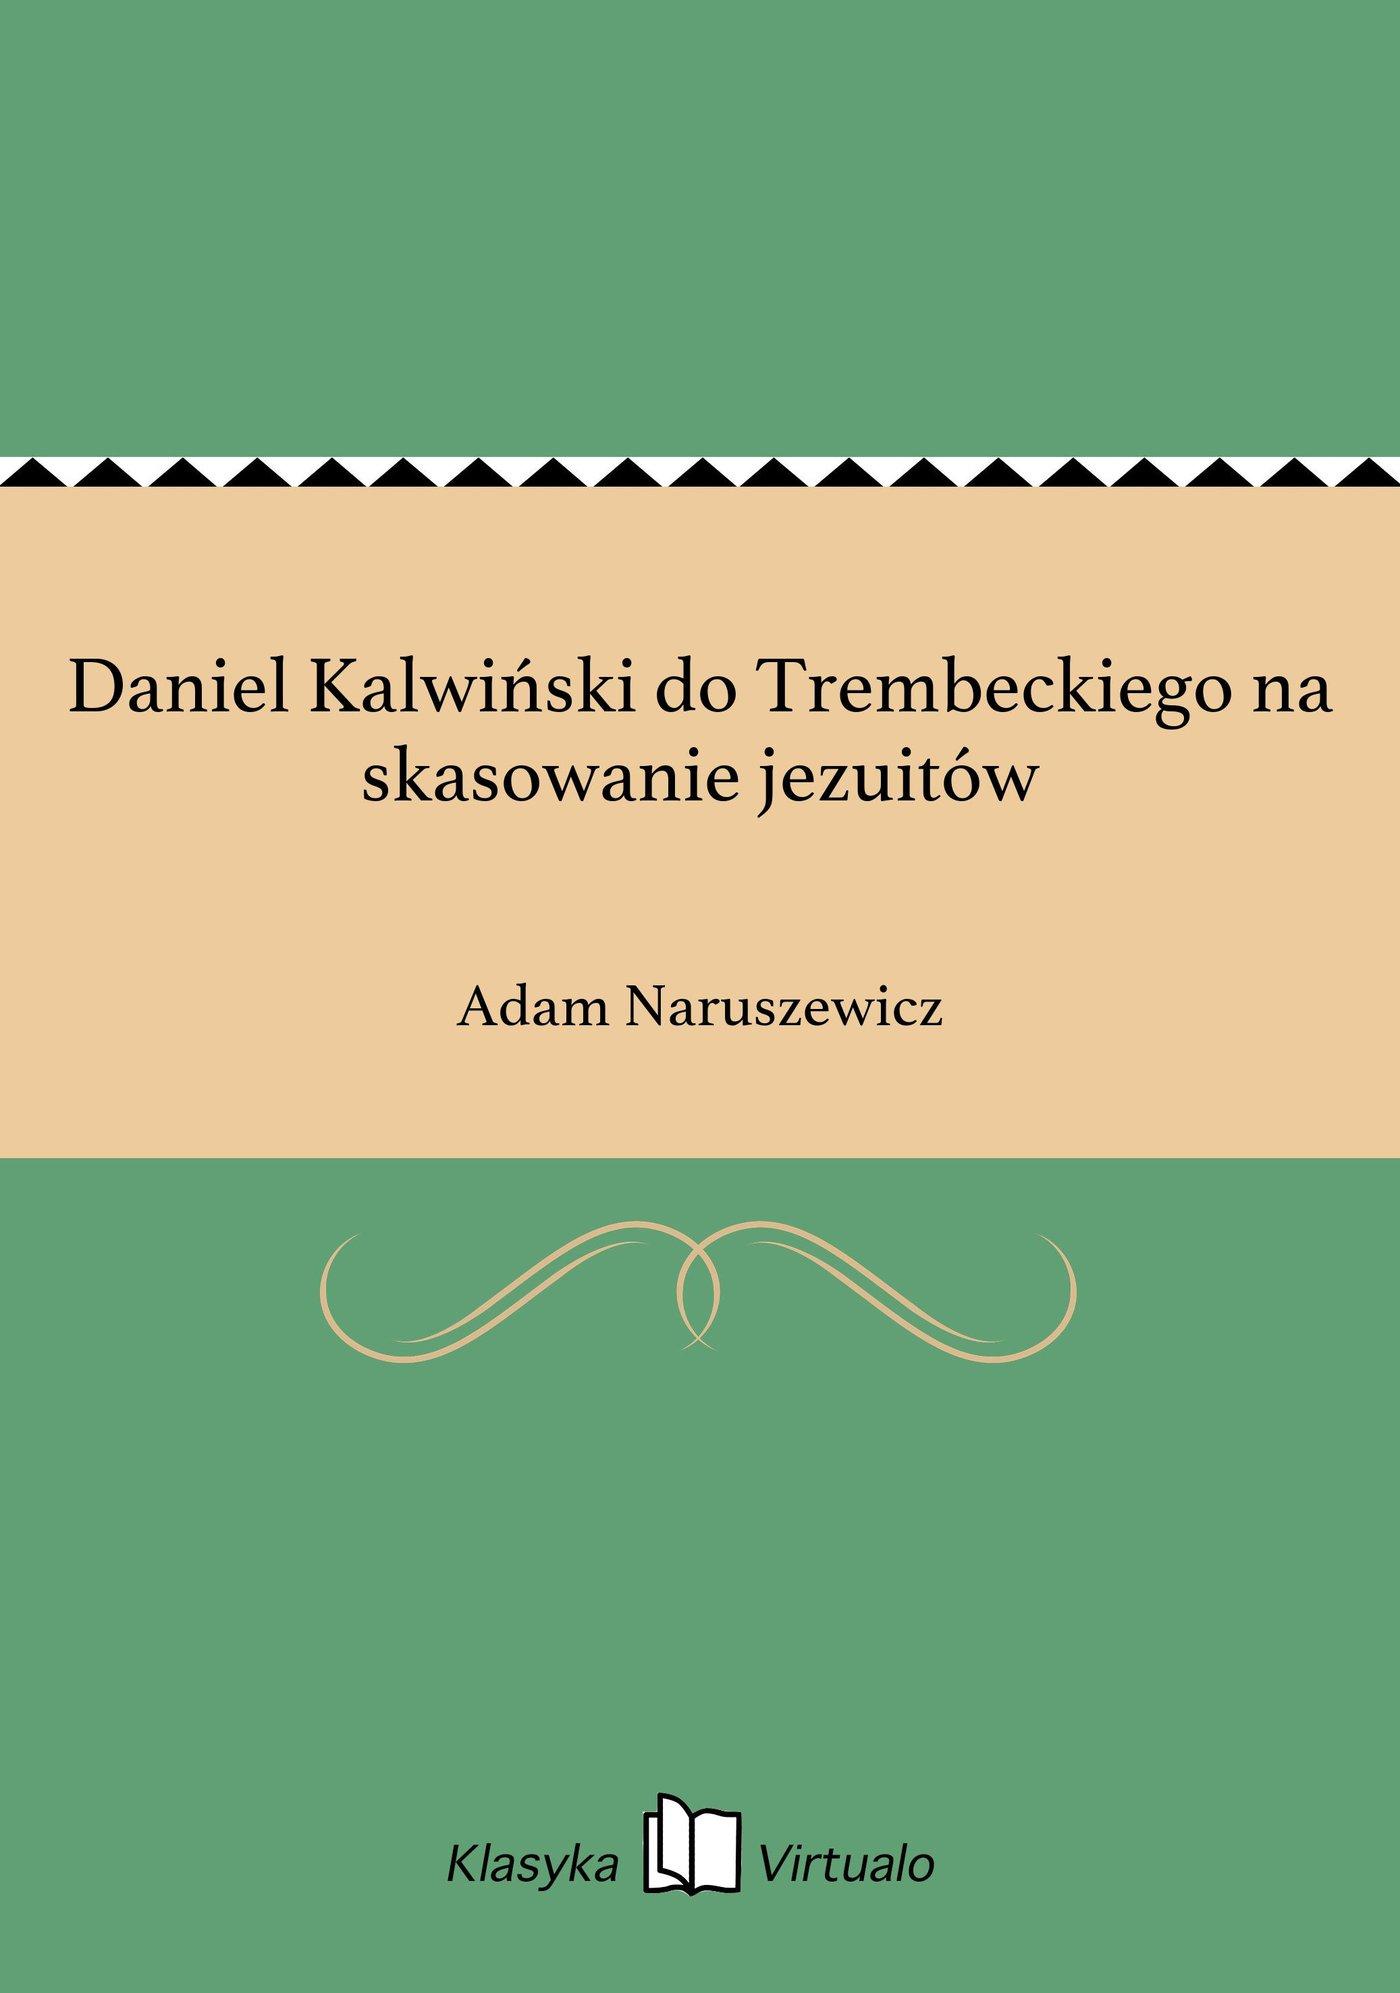 Daniel Kalwiński do Trembeckiego na skasowanie jezuitów - Ebook (Książka EPUB) do pobrania w formacie EPUB